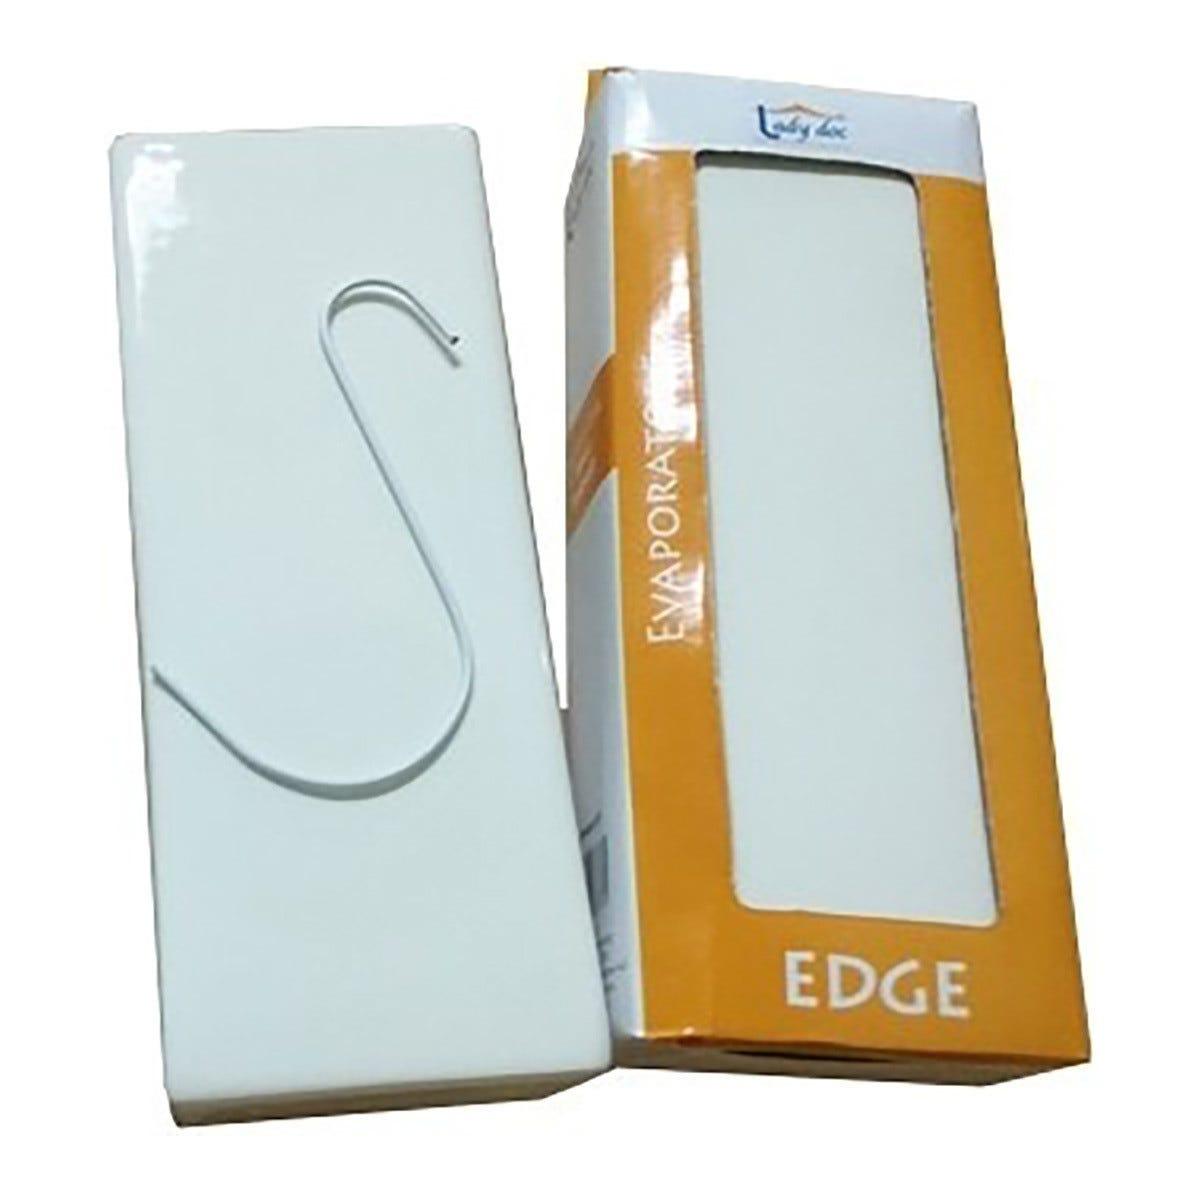 Umidificatore Per Caloriferi Bianco 19x7,5x3,8 Cm 1 Pezzo Ceramica Edge Ladydoc